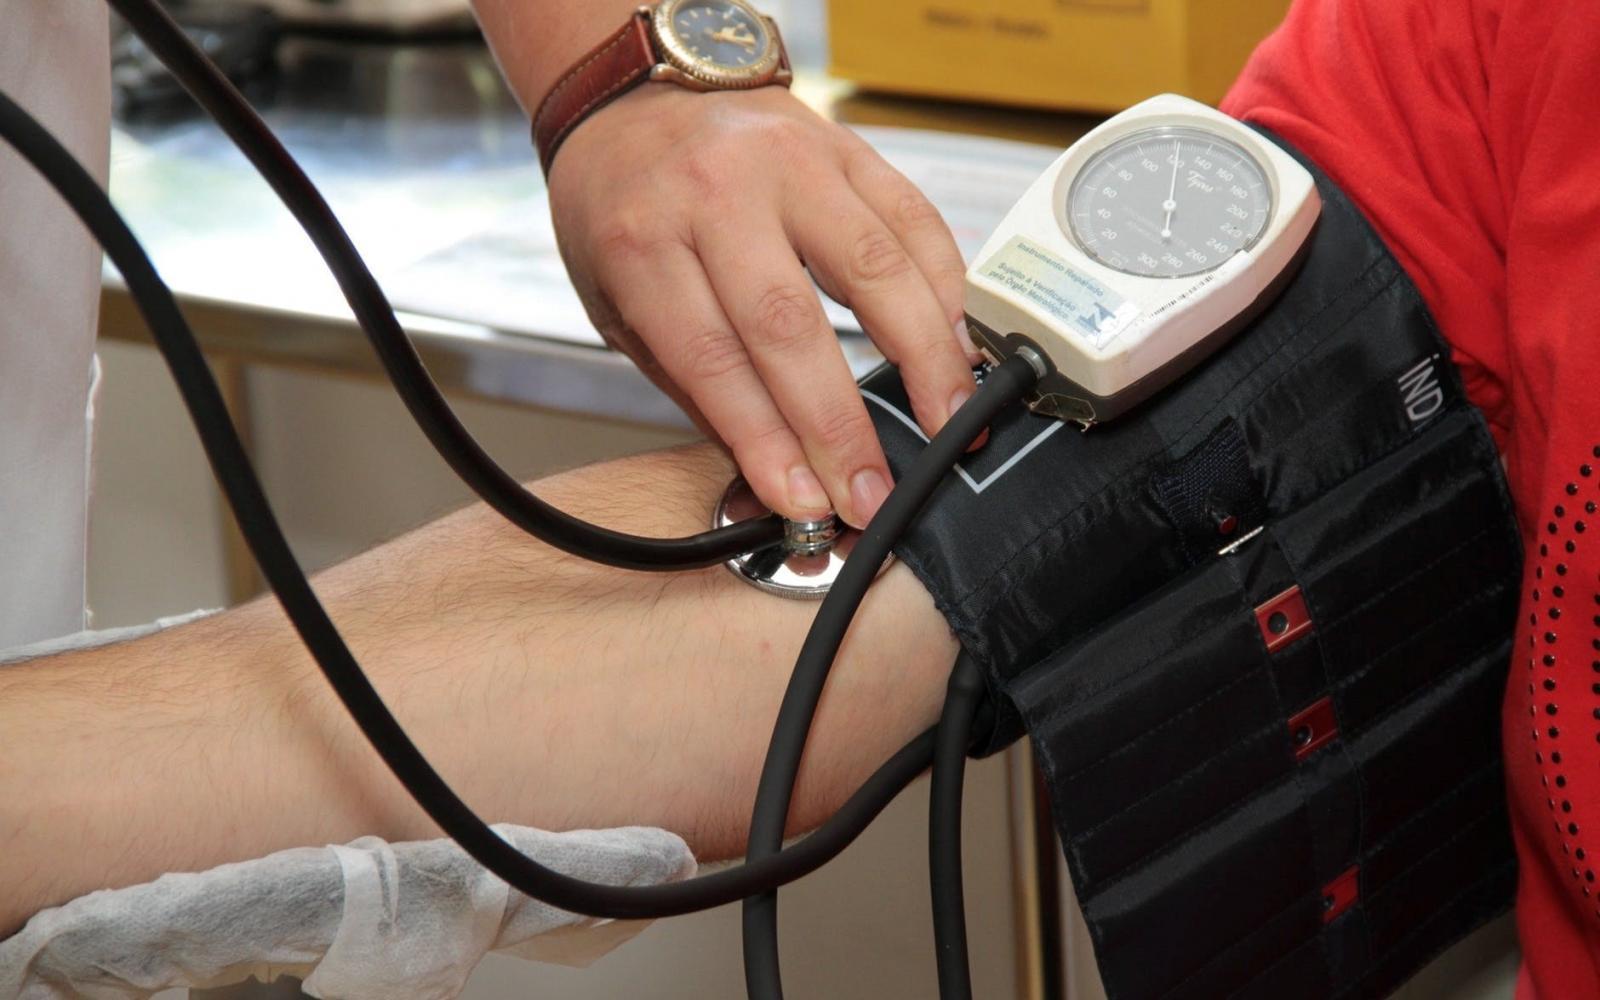 magas vérnyomás orvos bokeria a magas vérnyomás otthoni kezelése népi gyógymódokkal